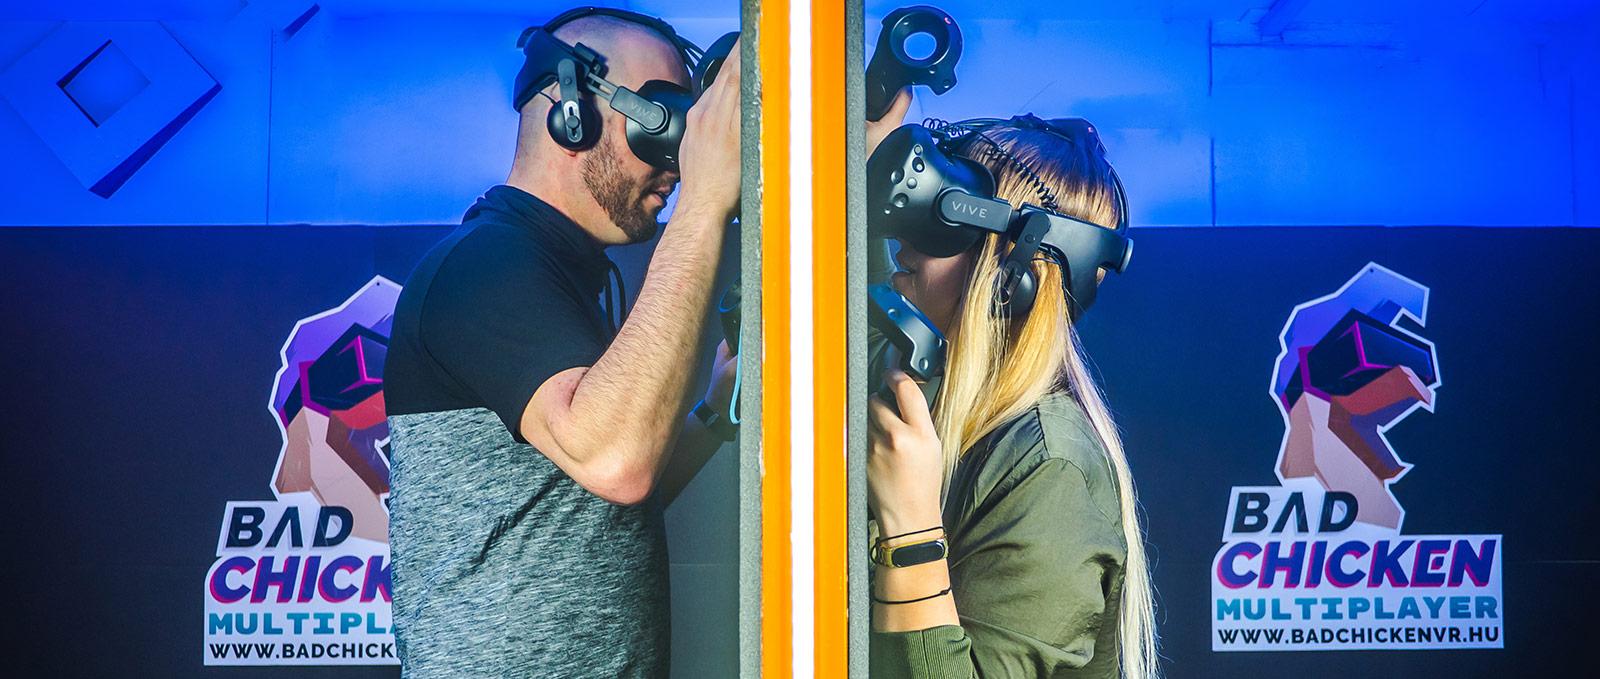 HTC Vive virtuális valóság játék